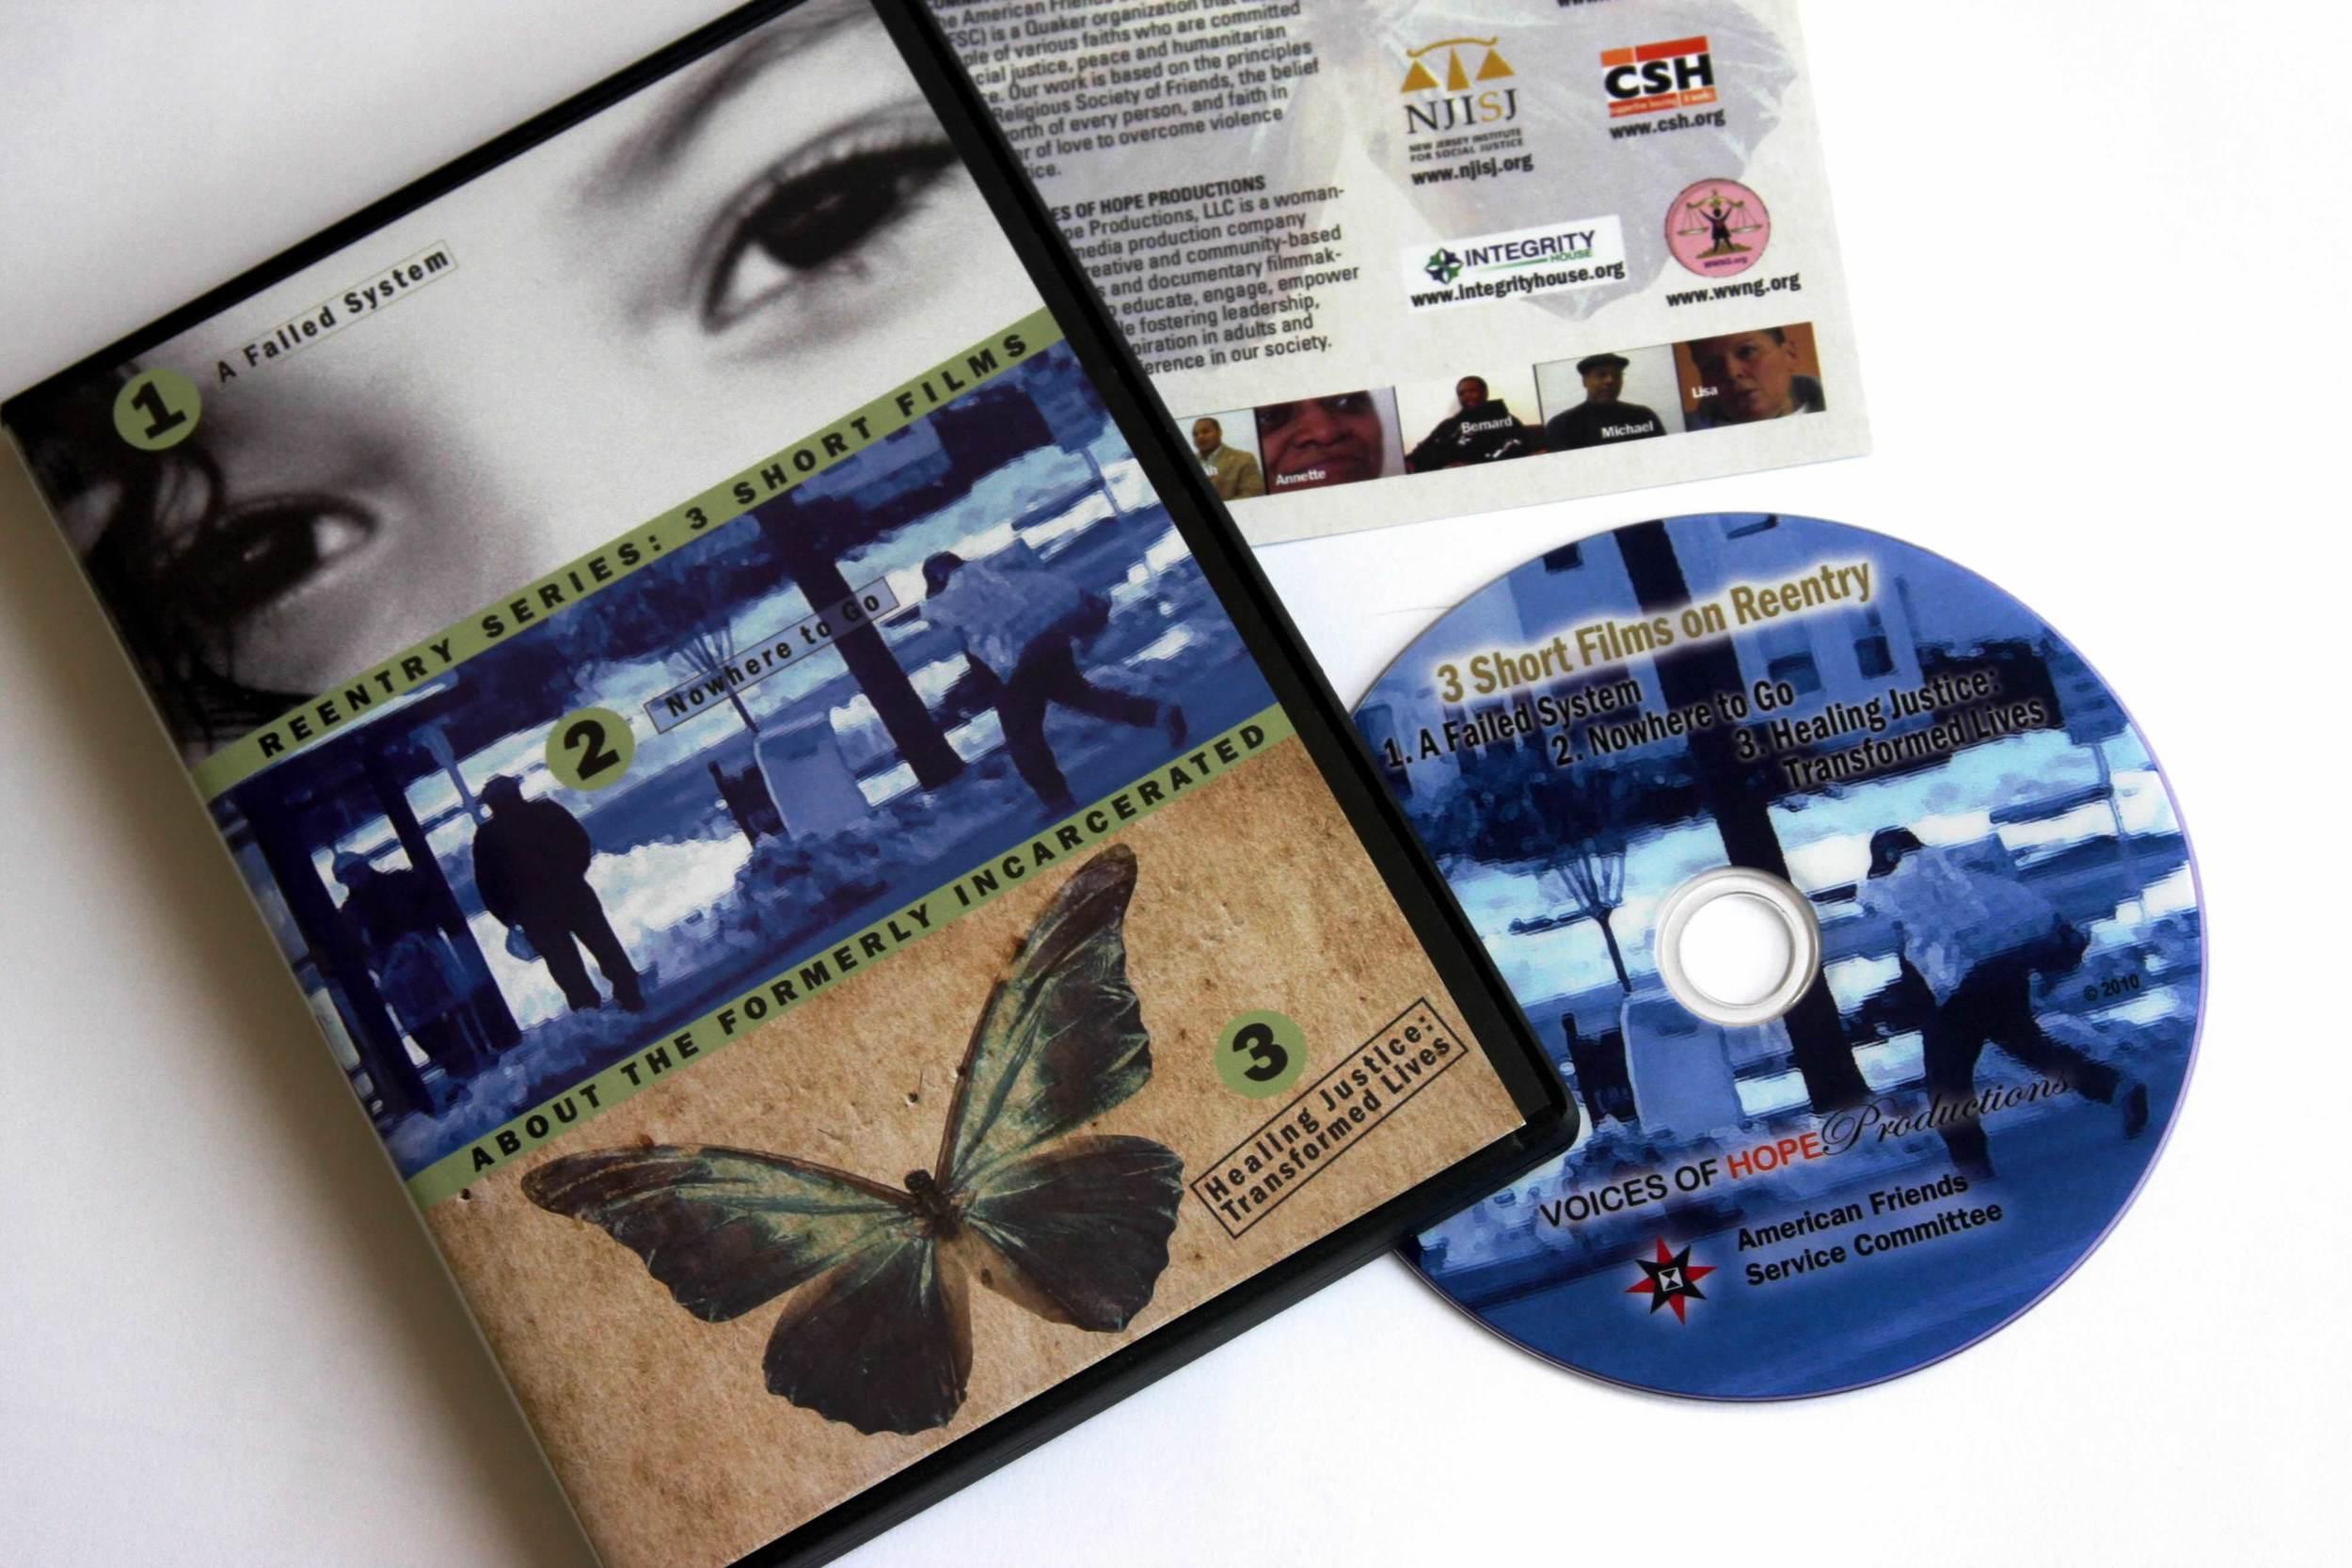 AFSC_DVDSet.jpg